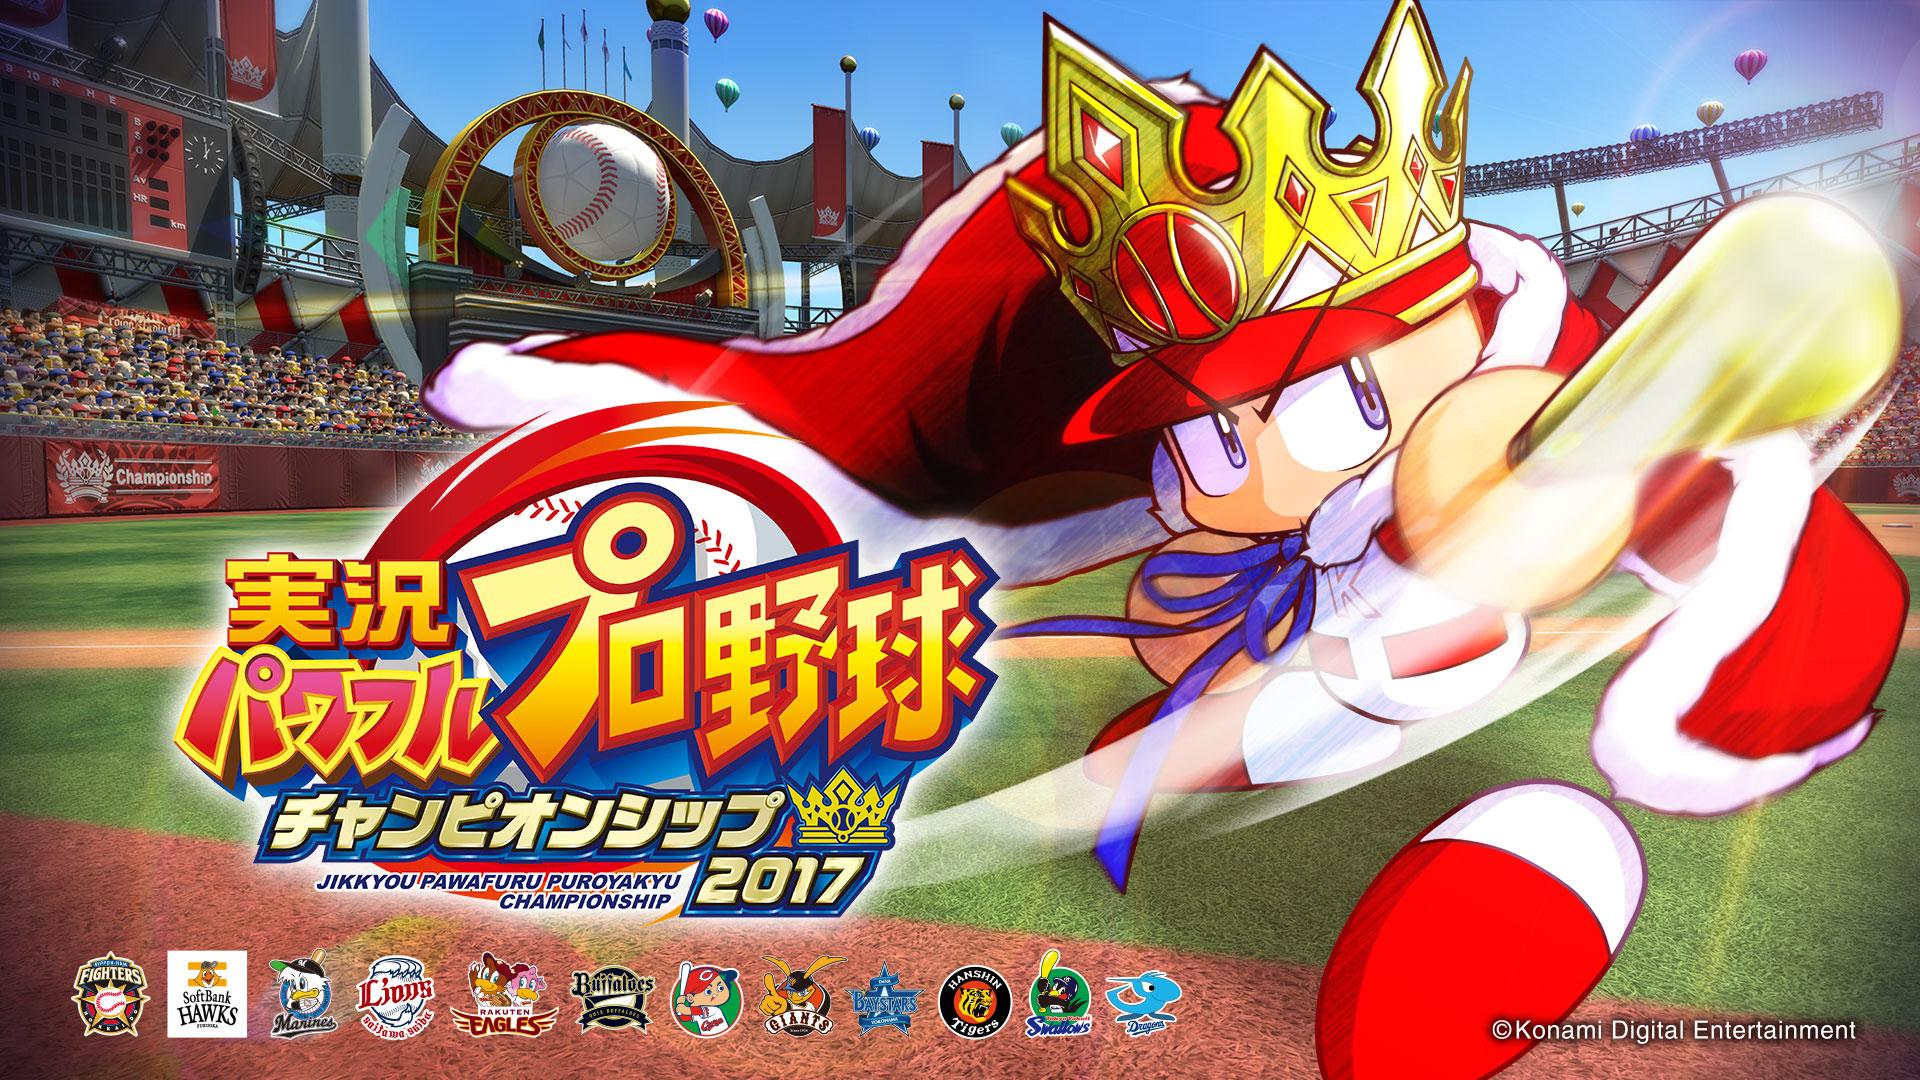 『実況パワフルプロ野球 チャンピオンシップ2017』ゲーム画面